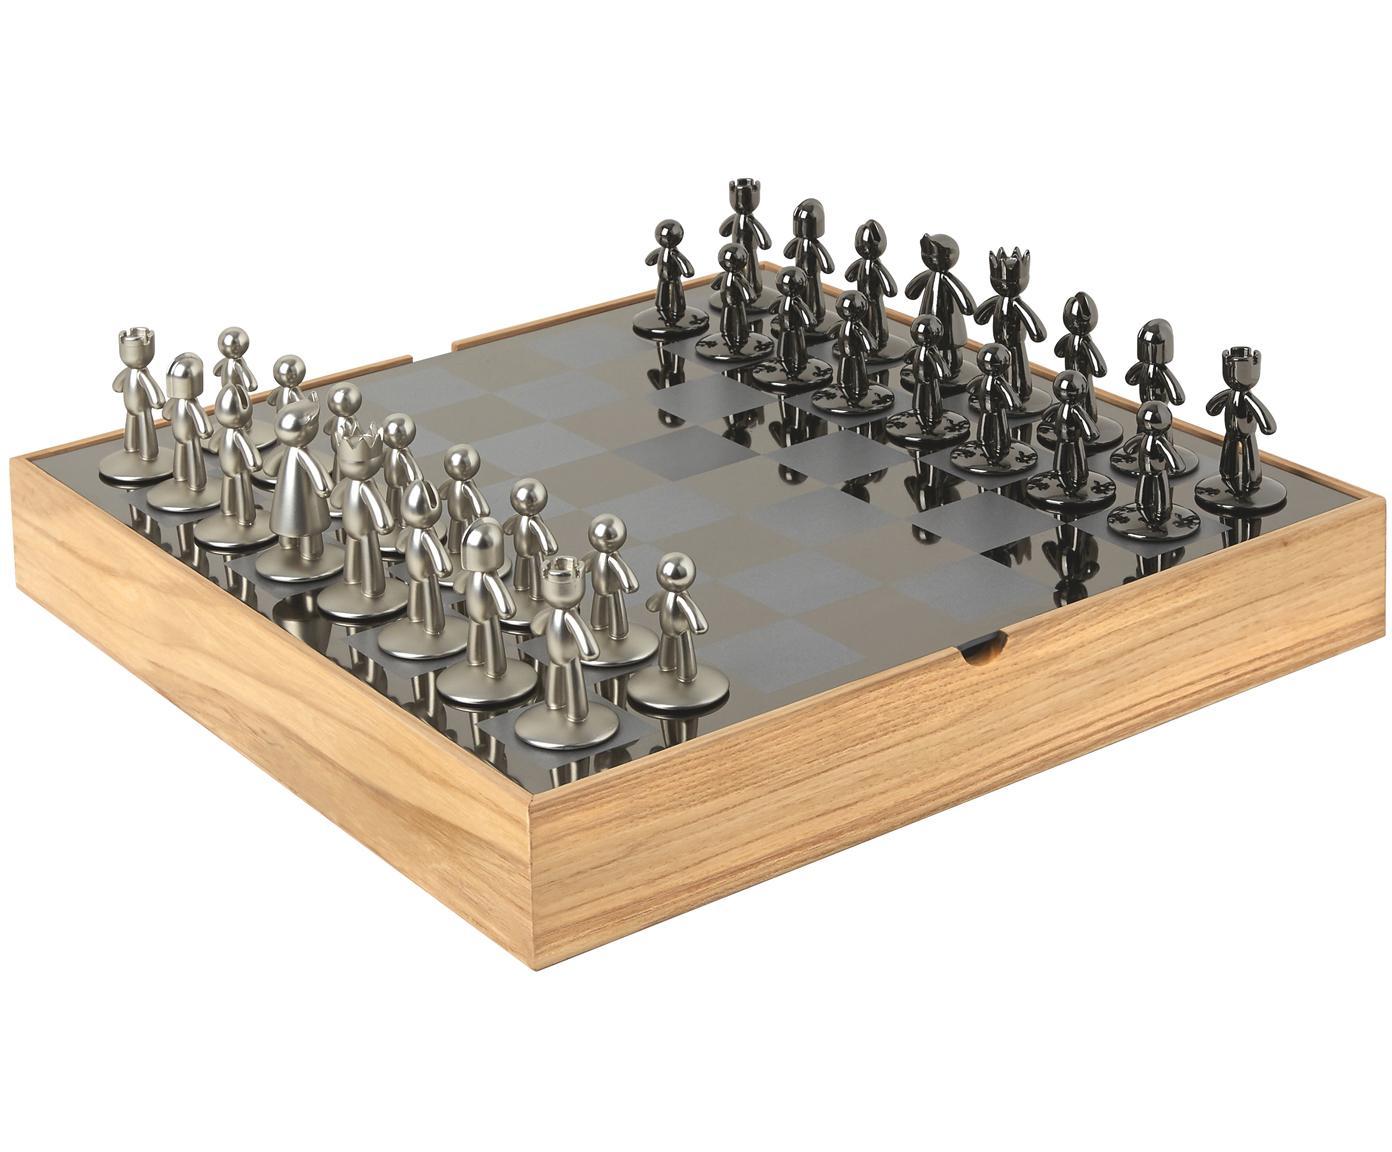 Scacchi Buddy, 33 pz., Scatola: legno di frassino, Scatola: legno di frassino<br>Scacchiera: titanio<br>Figure: nichel, titanio, L 33 x A 4 cm